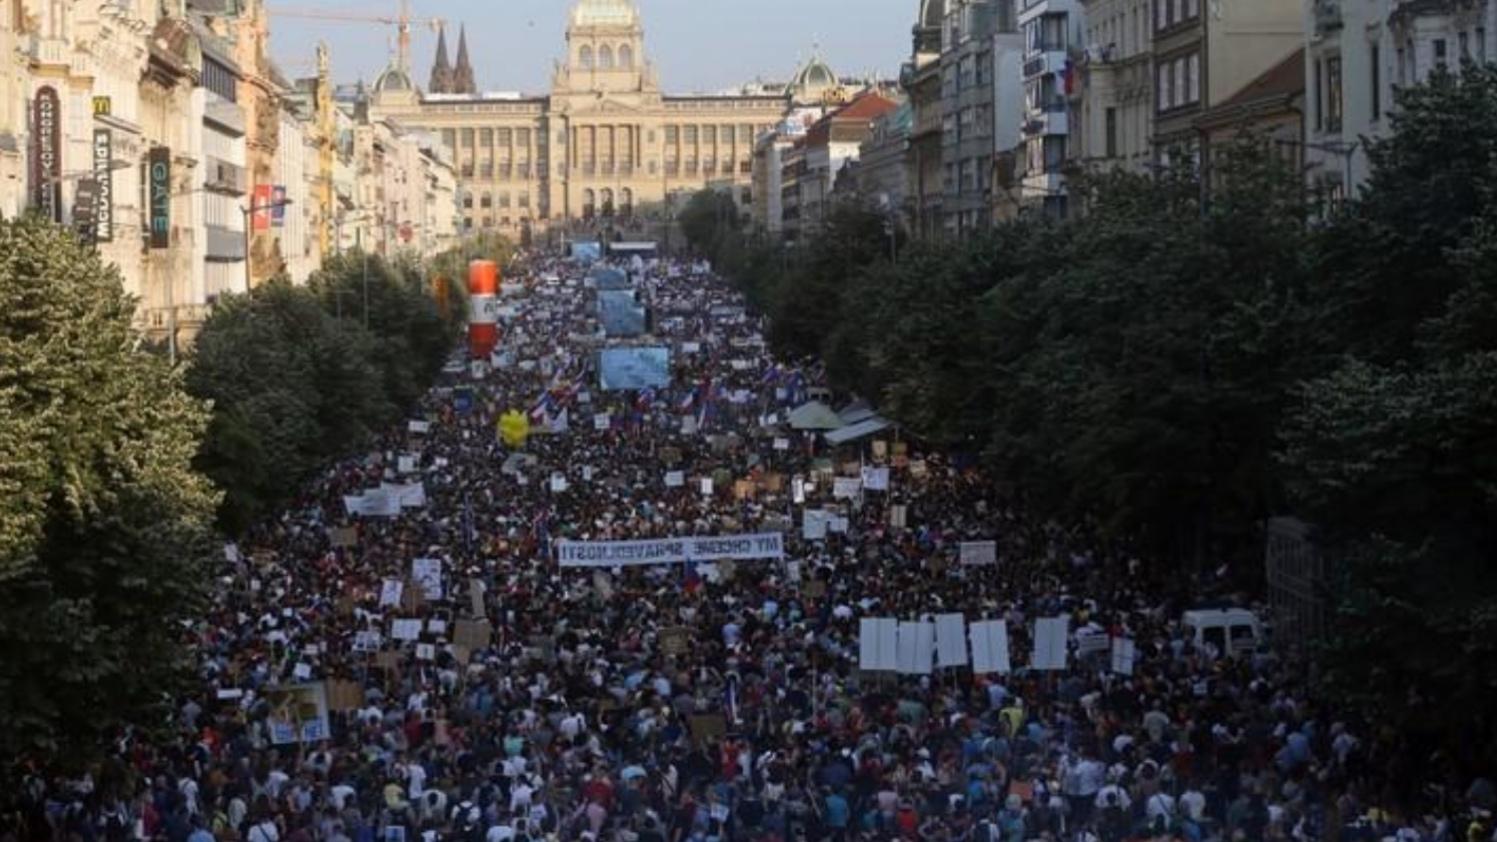 демонстрантов в Праге требовали отставки премьера